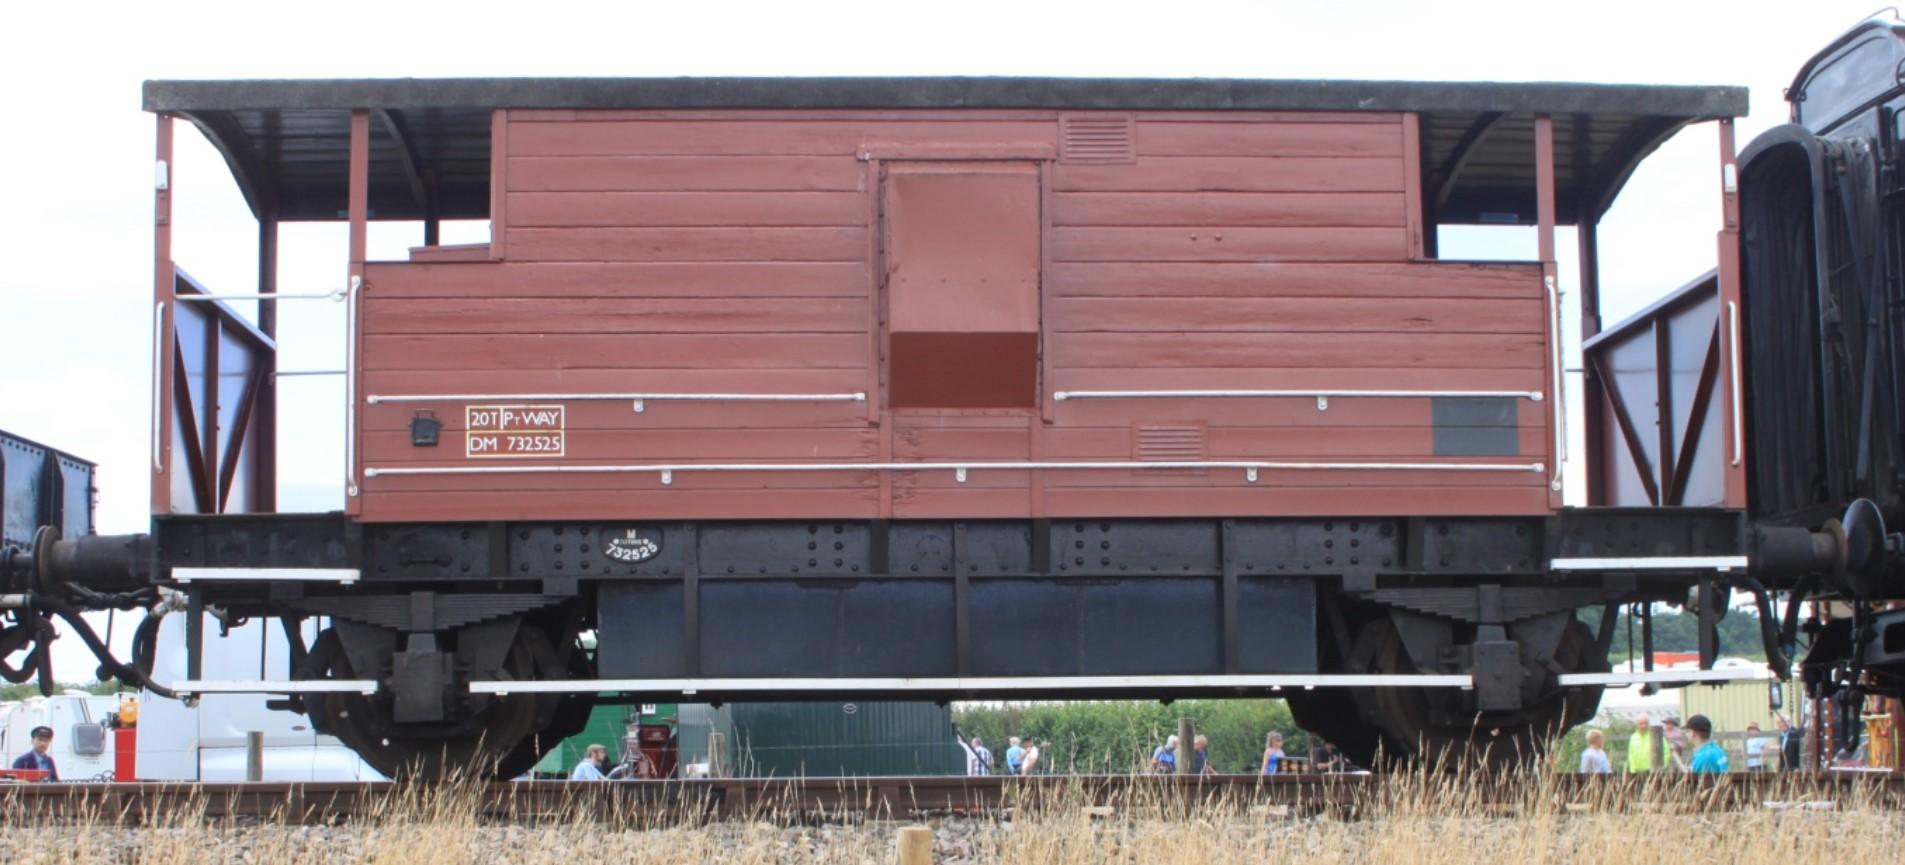 DM732535 at Norton Fitzwarren on the West Somerset Railway in 2014. © Geof Sheppard